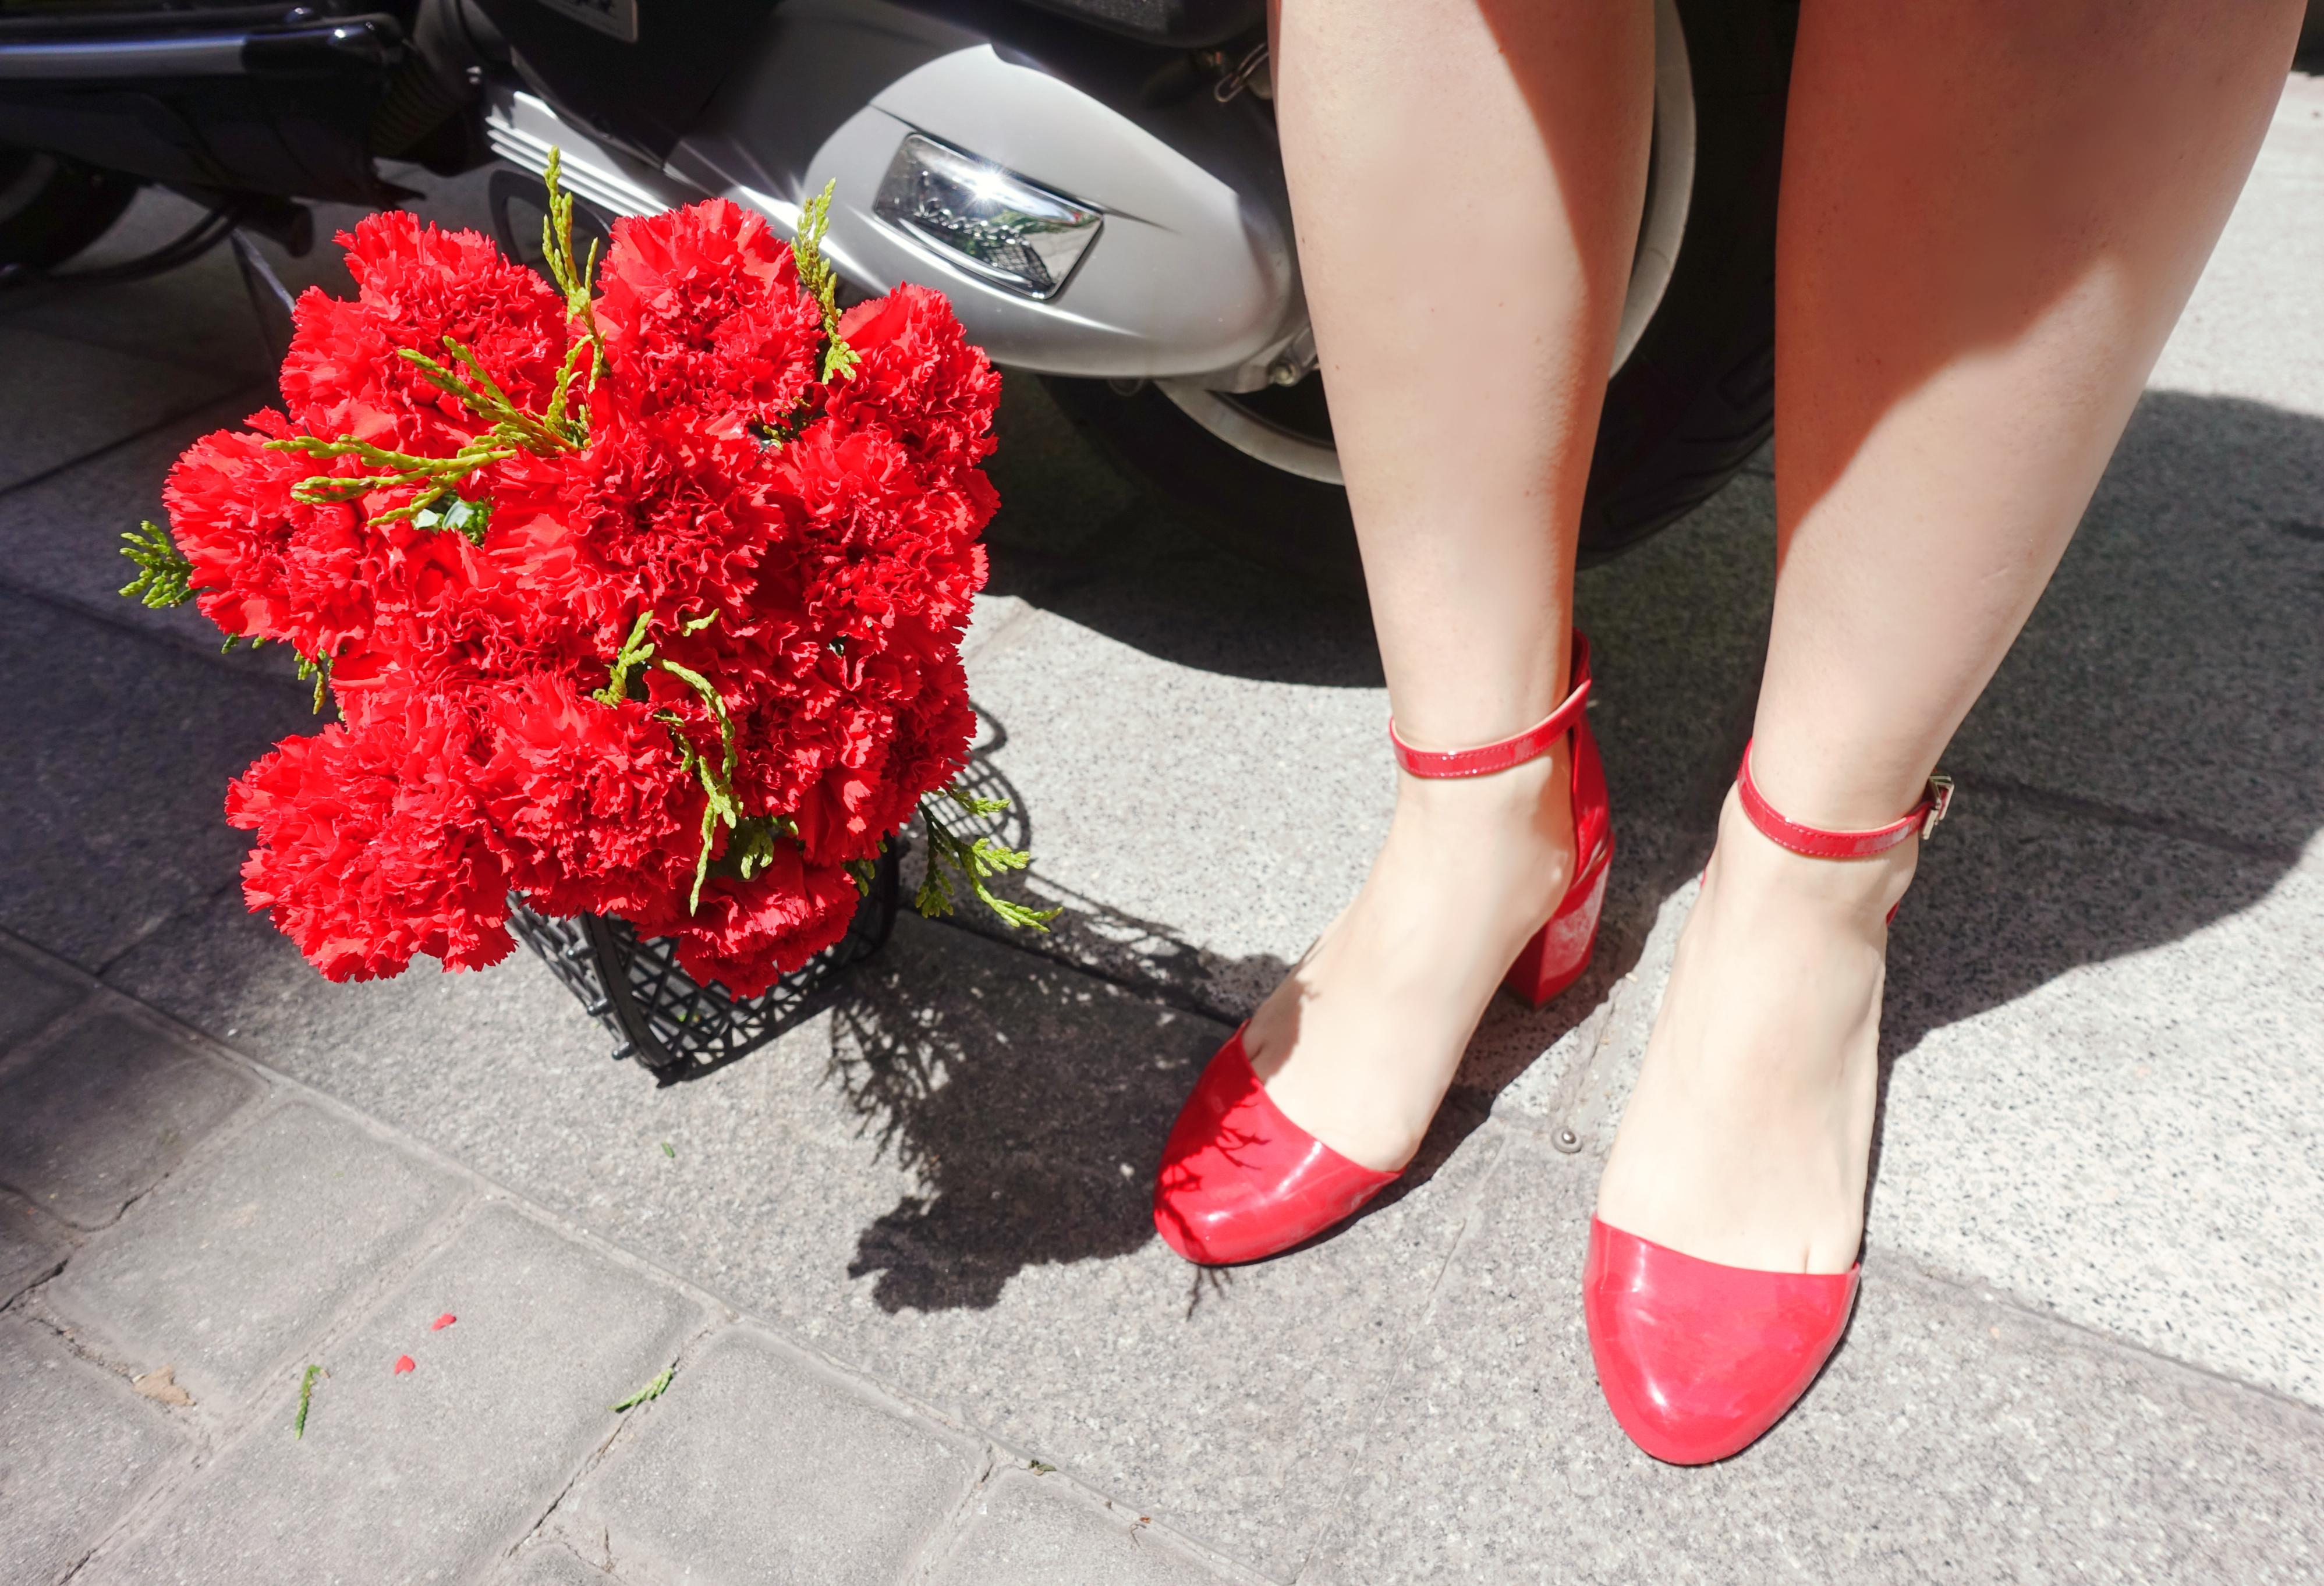 Flores-rojas-blog-de-moda-ChicAdicta-fashionista-influencer-Chic-Adicta-PiensaenChic-bolsos-retro-Piensa-en-Chic